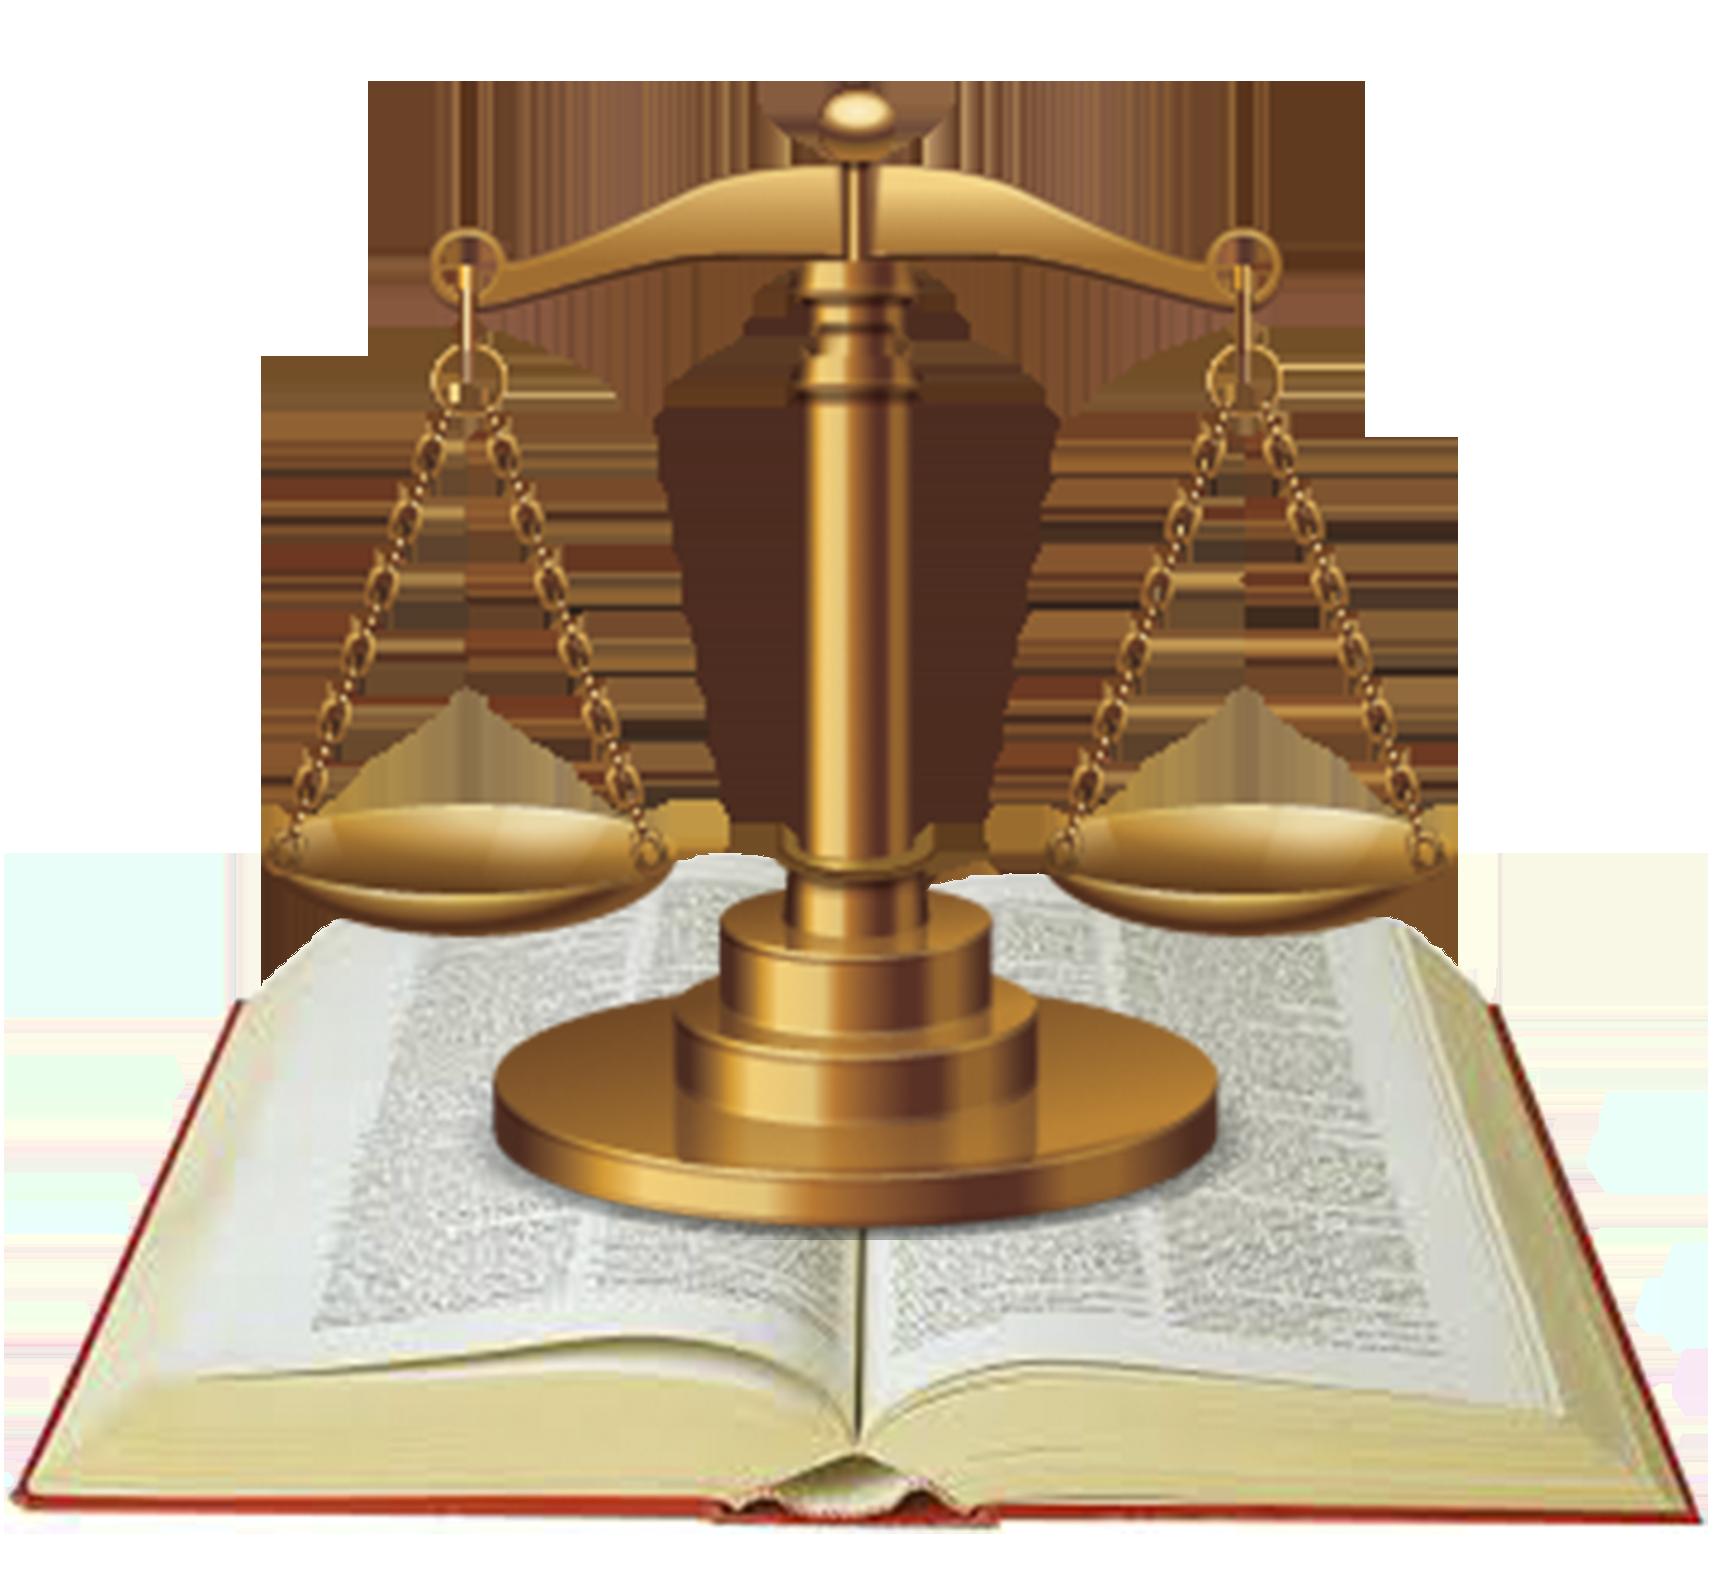 موضوعات أبحاث مقرارات المستوي الثالث - الفرصة الثانية ( شعبة التعليم المفتوح - كلية الحقوق ) والرابط الخاص بكل مقرر الفصل الدراسي الثاني 2019-2020م